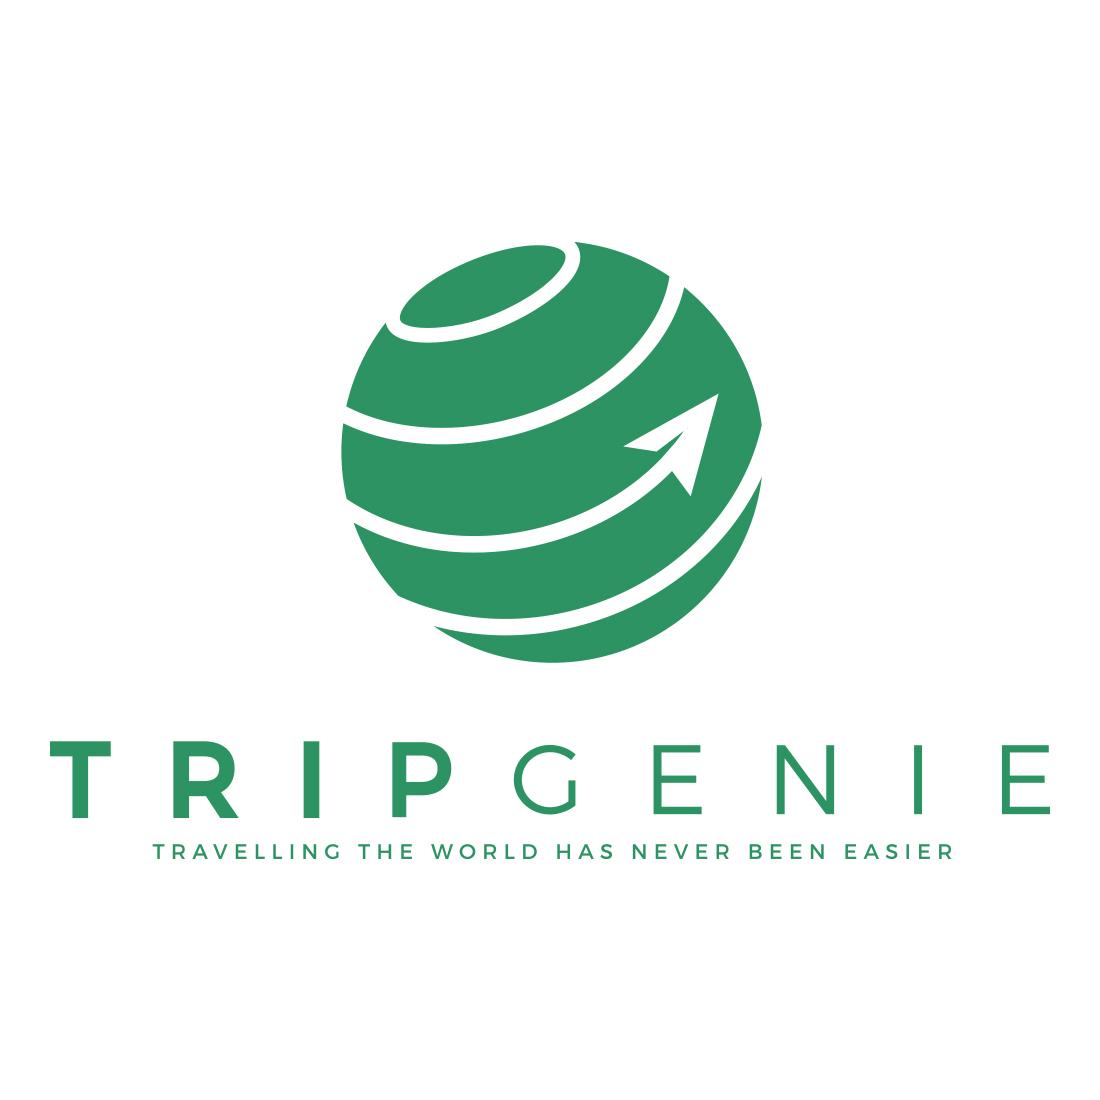 TripGenie